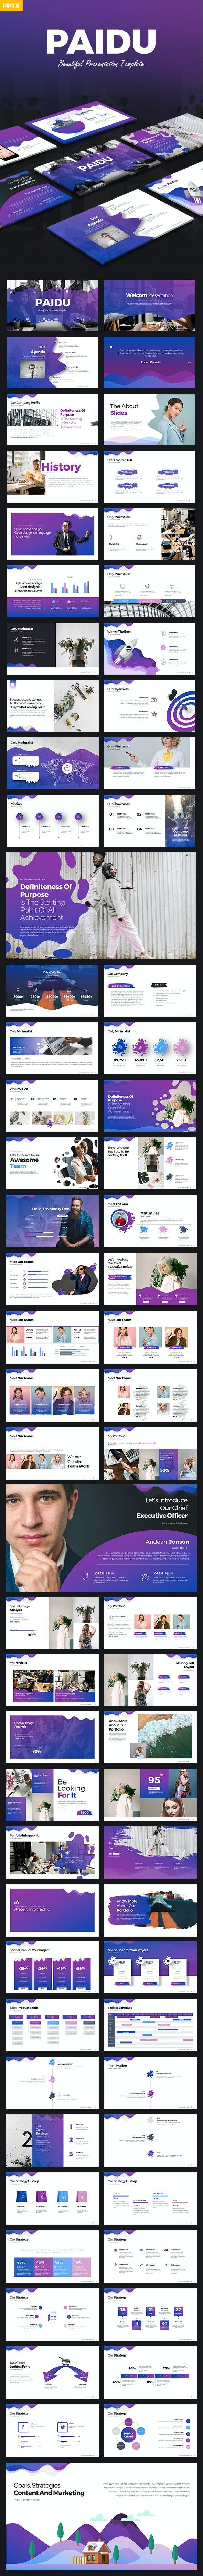 Paidu Powerpoint Presentation - PowerPoint Templates Presentation Templates